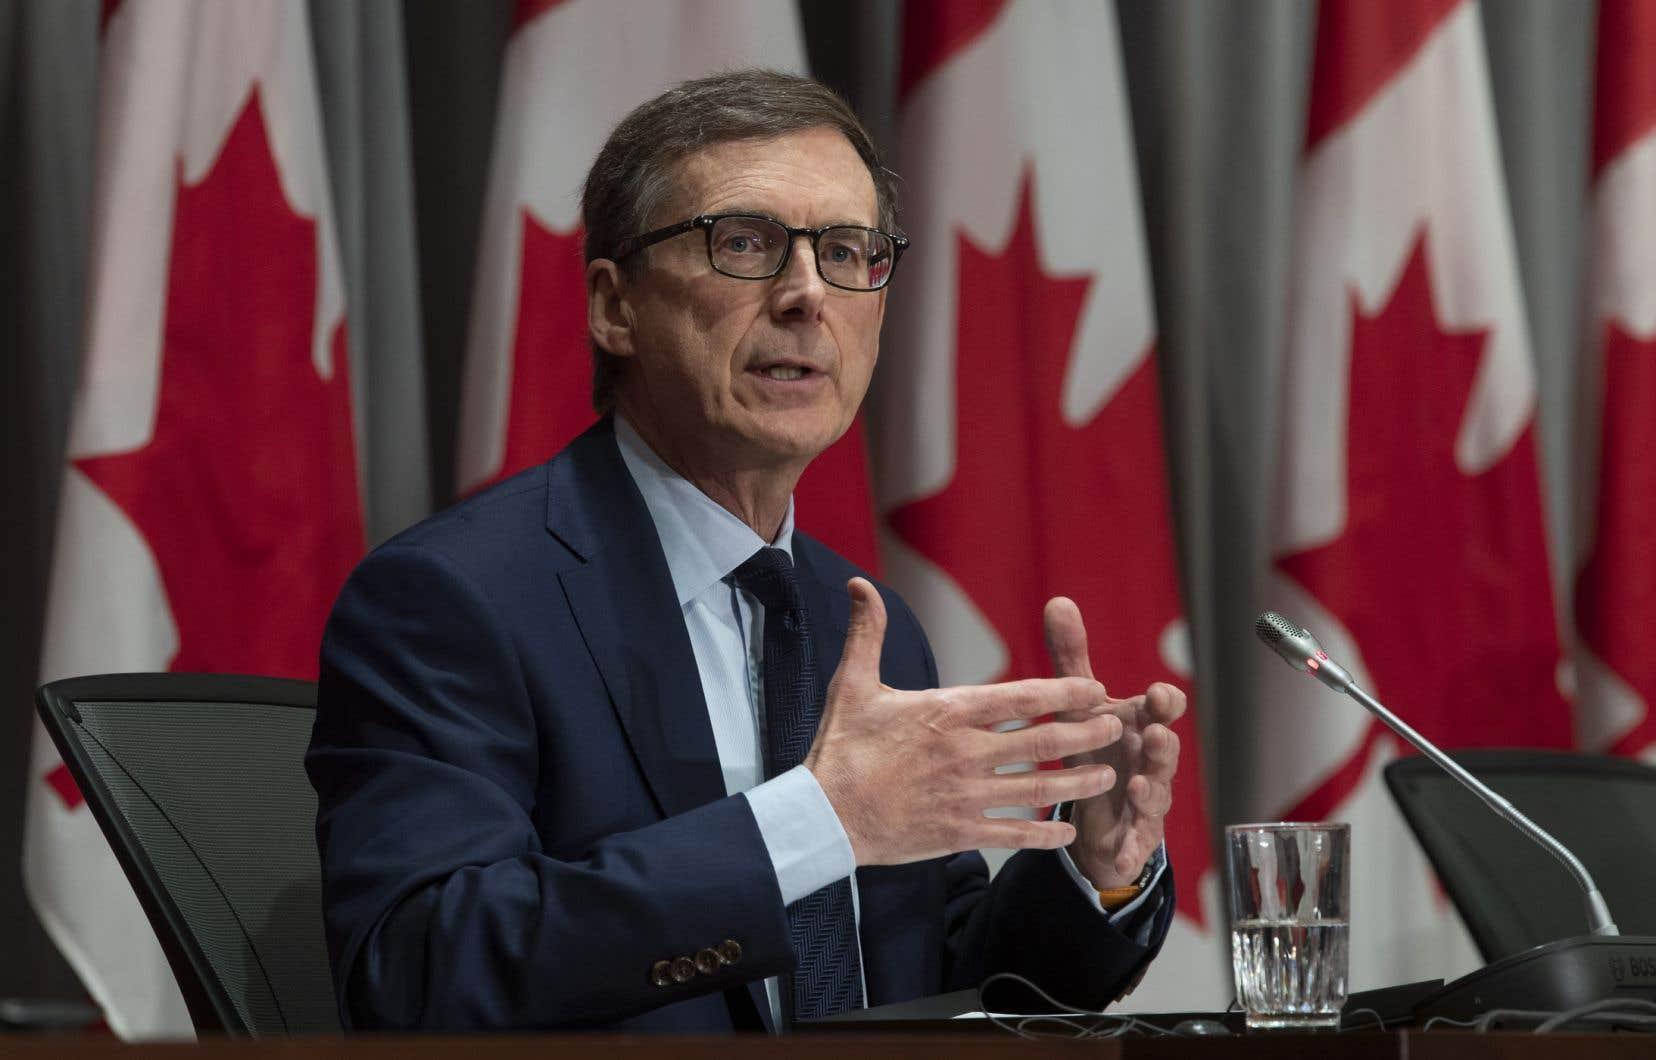 Le nouveau gouverneur de la Banque du Canada, Tiff Macklem, lors d'une allocution le 1er mai dernier